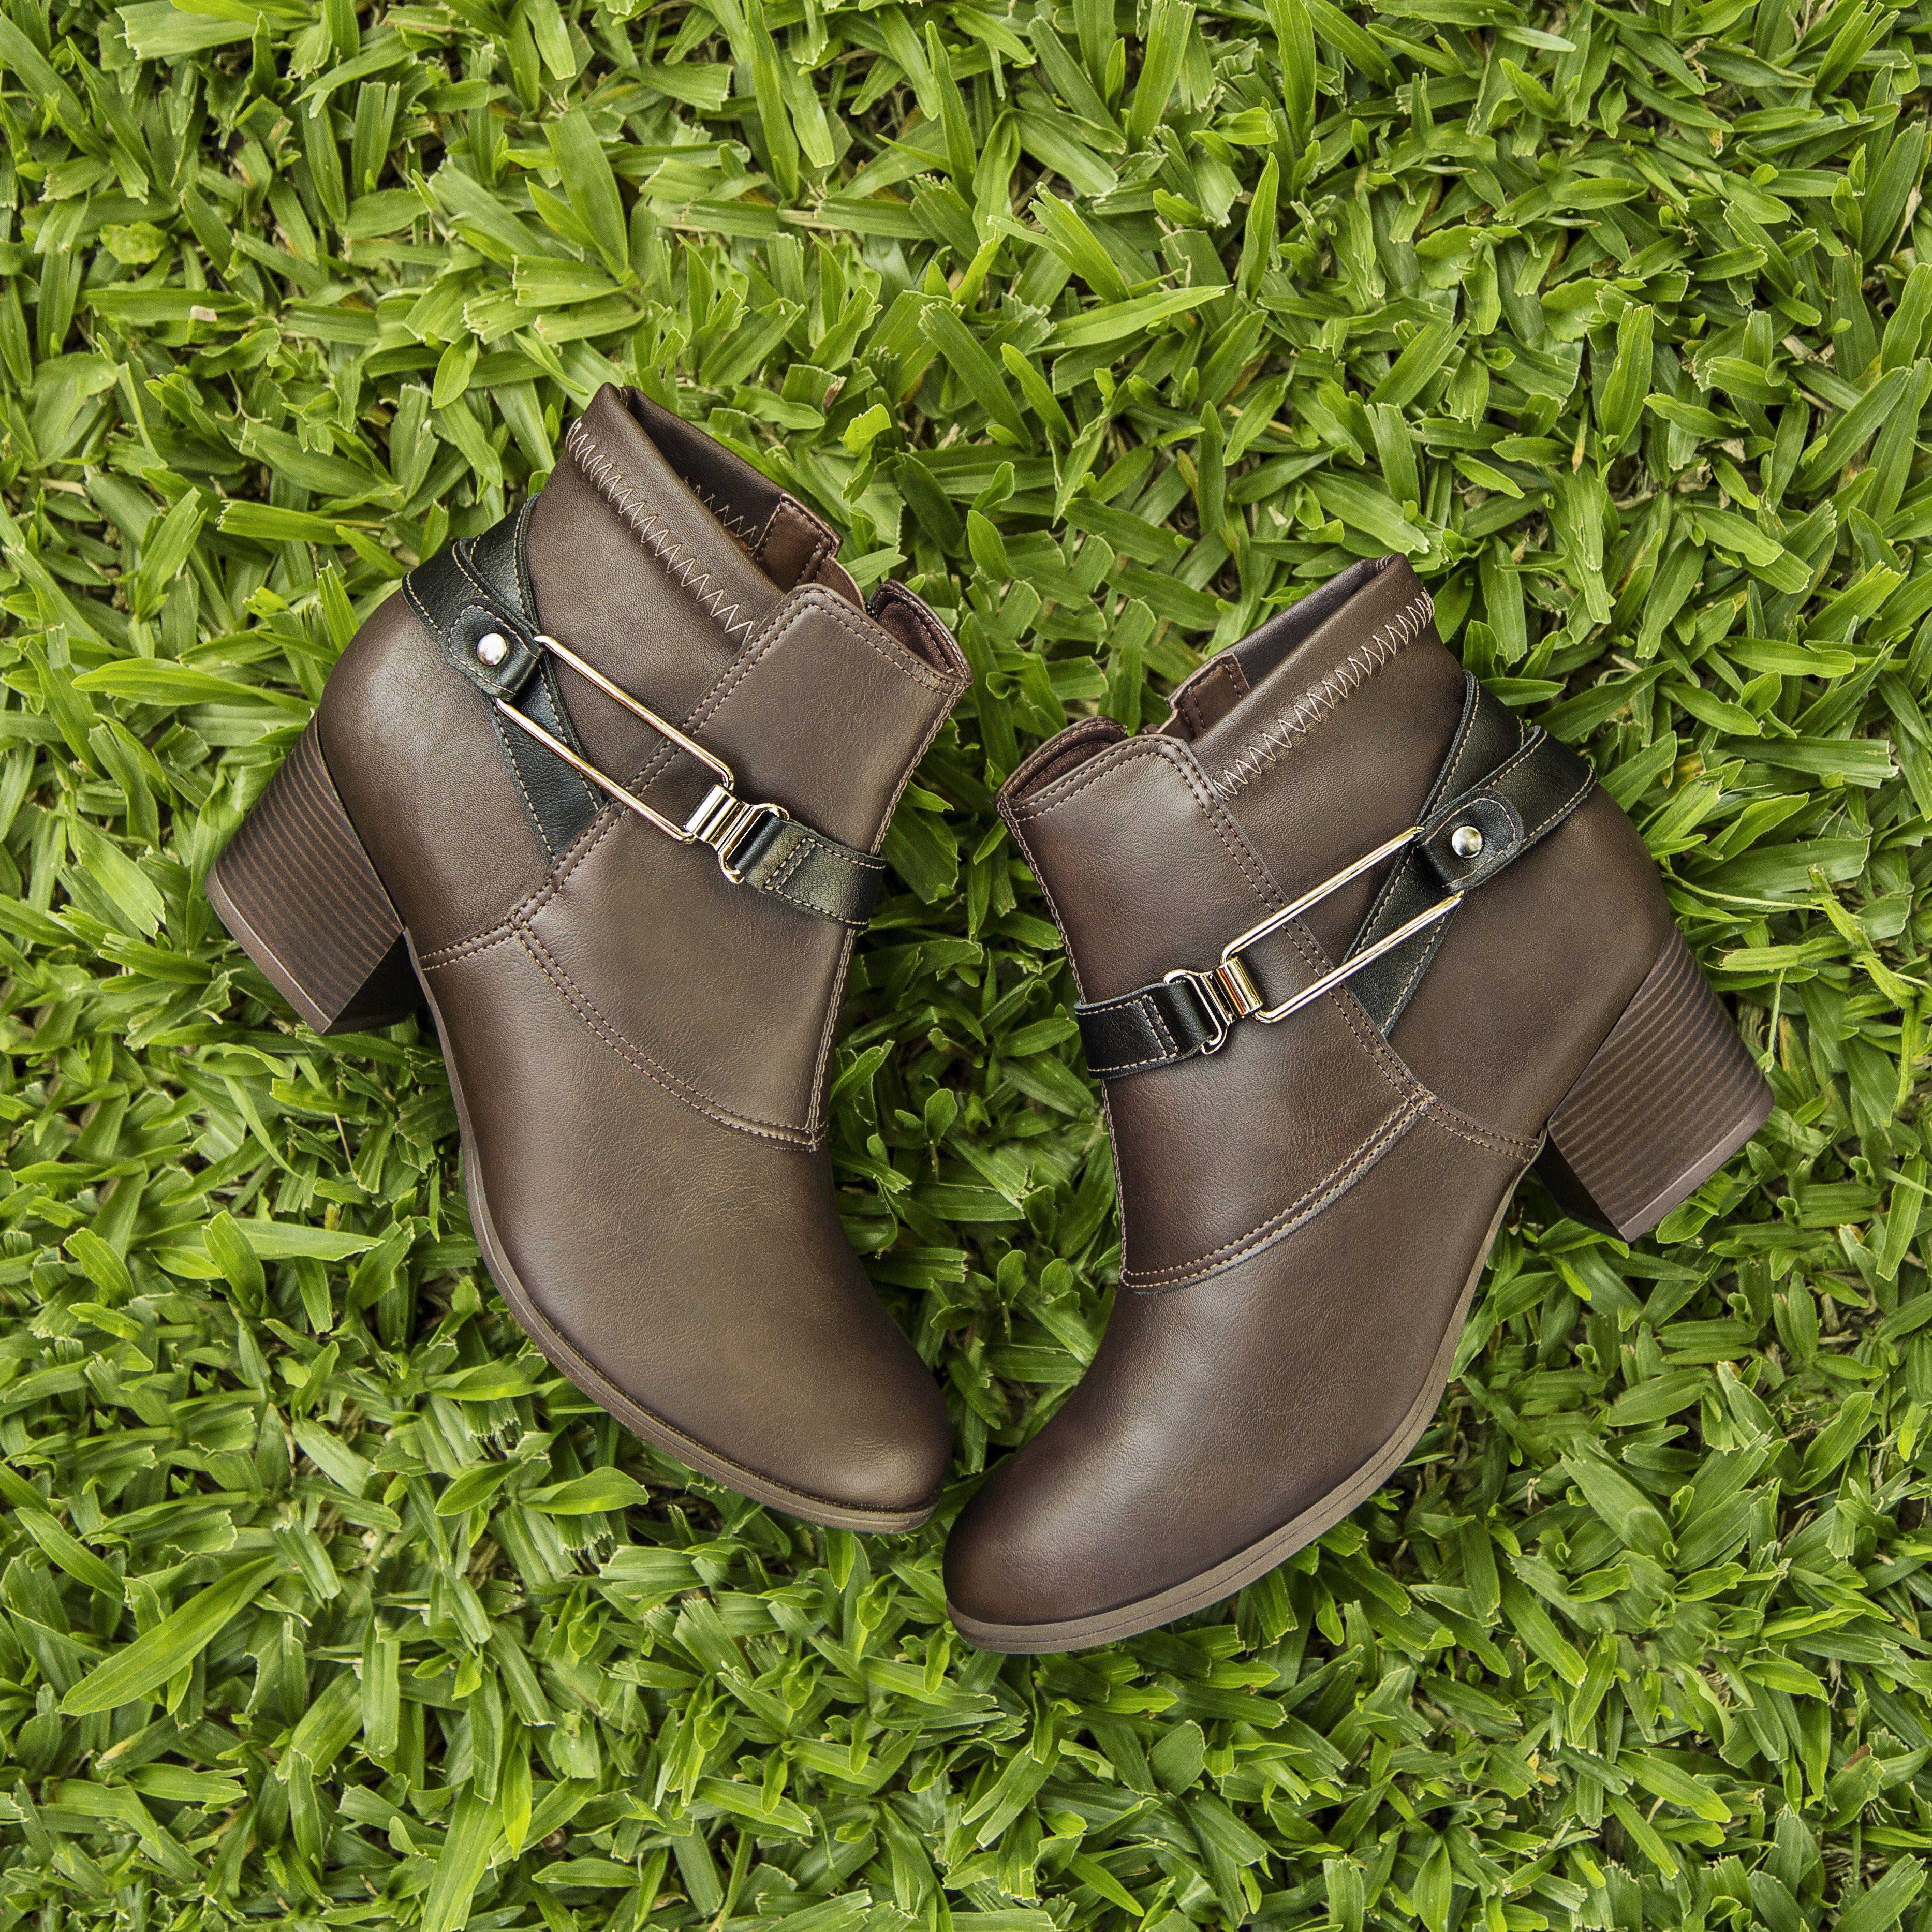 4639546d1d Bota - boots - bota de cano curto - conforto - Campesà - Ref. L5463